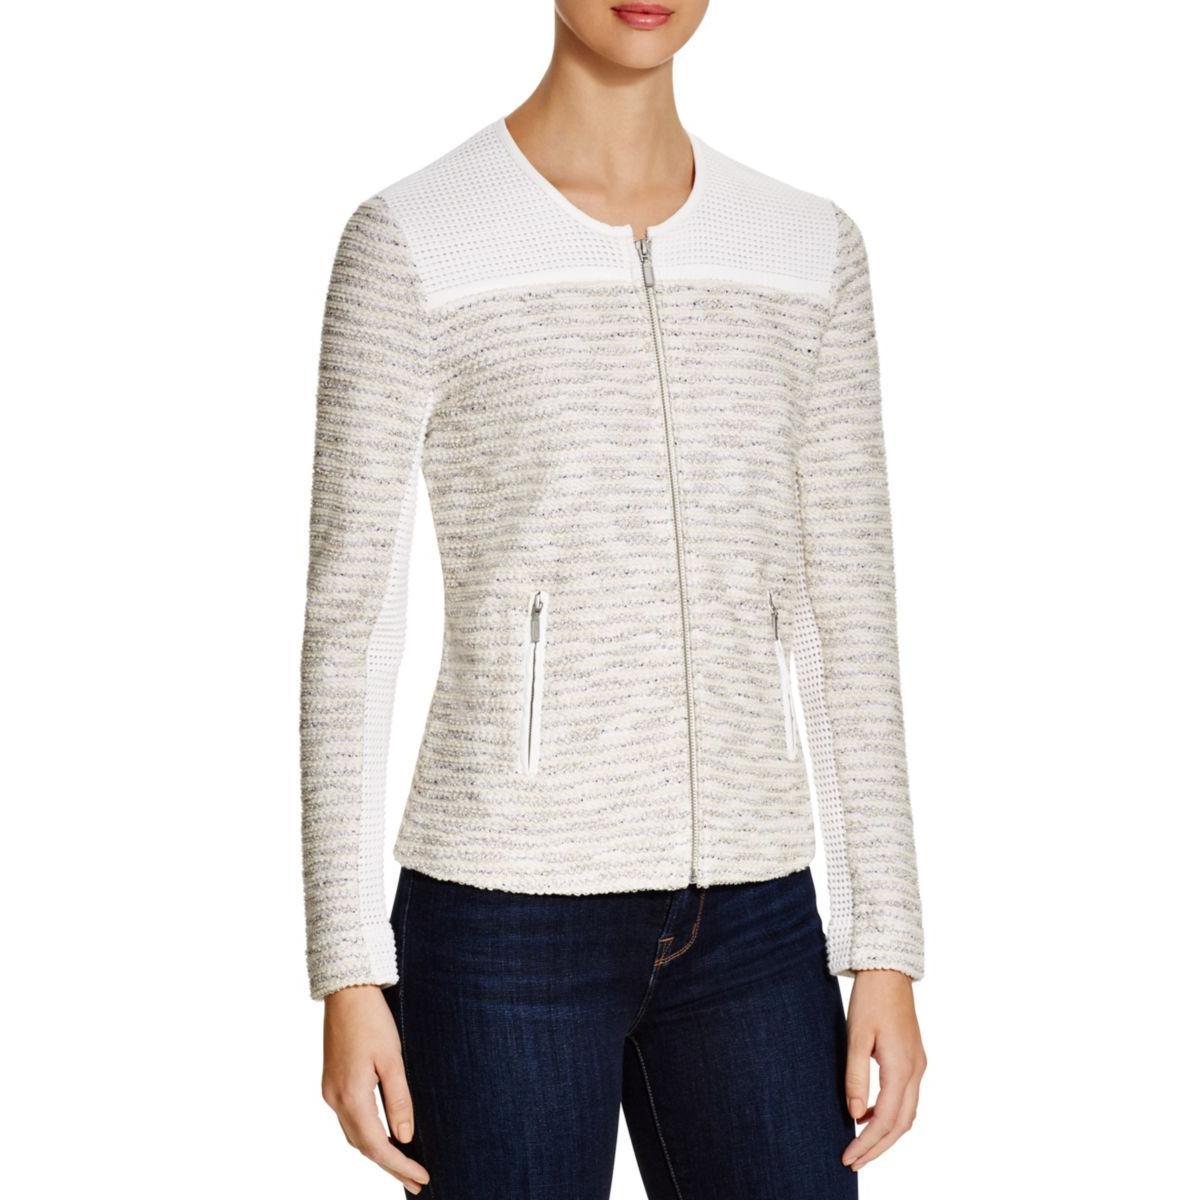 Nic + Zoe Womens Textured Crew Full Zip Sweater